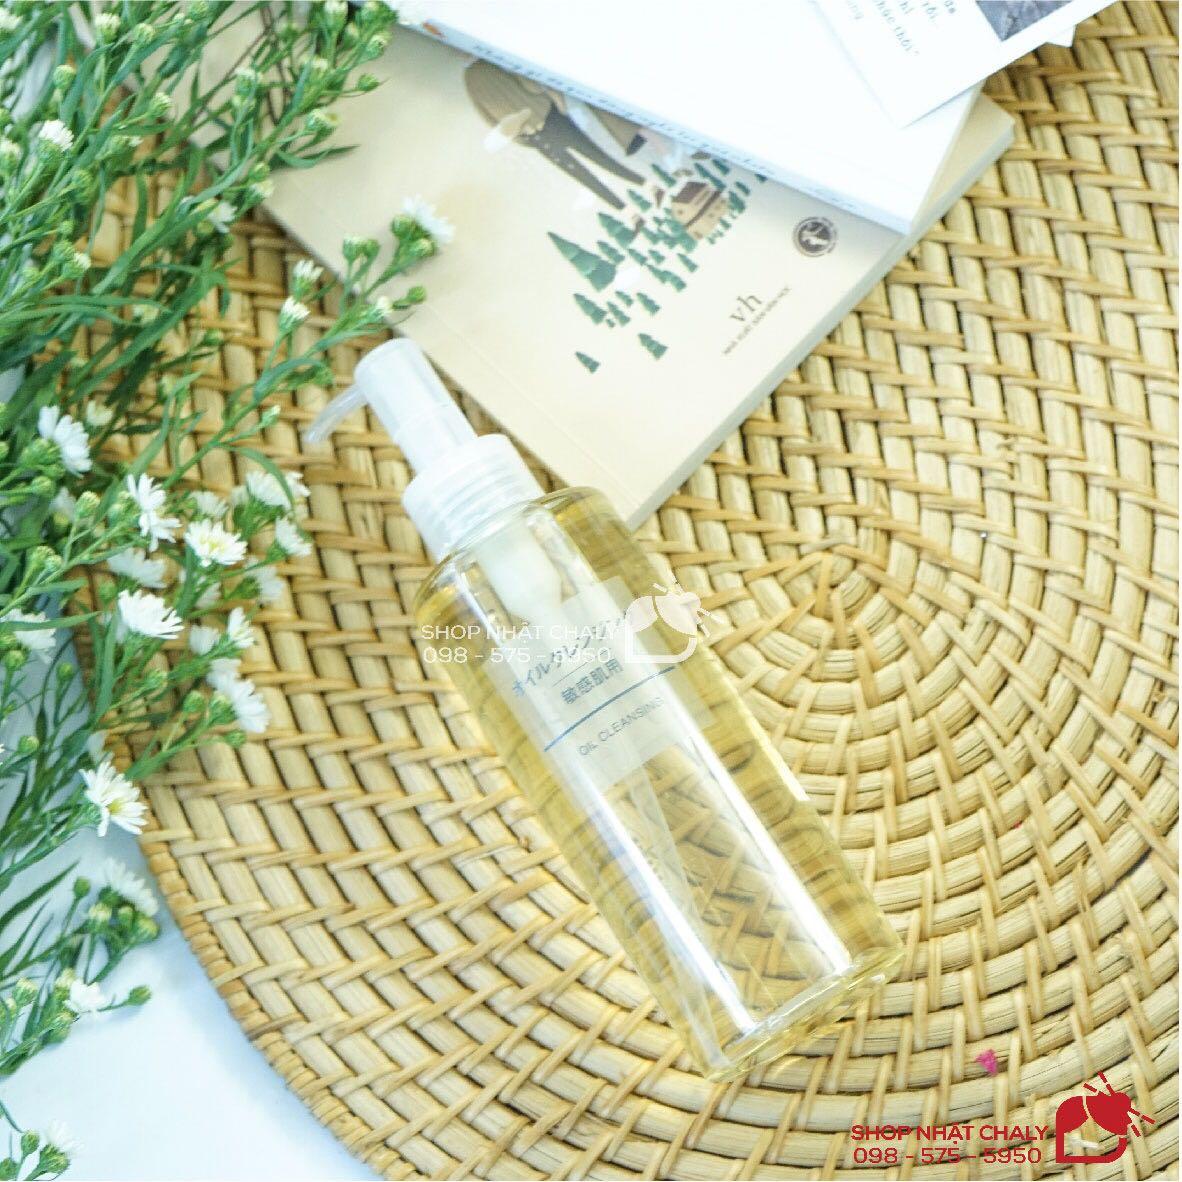 Sản phẩm Muji tẩy trang dạng dầu sensitive oil cleansing đảm bảo tiêu chí 4 không: Không cồn - Không paraben - Không dầu khoáng - Không hương liệu đảm bảo lành tính cho da nhạy cảm